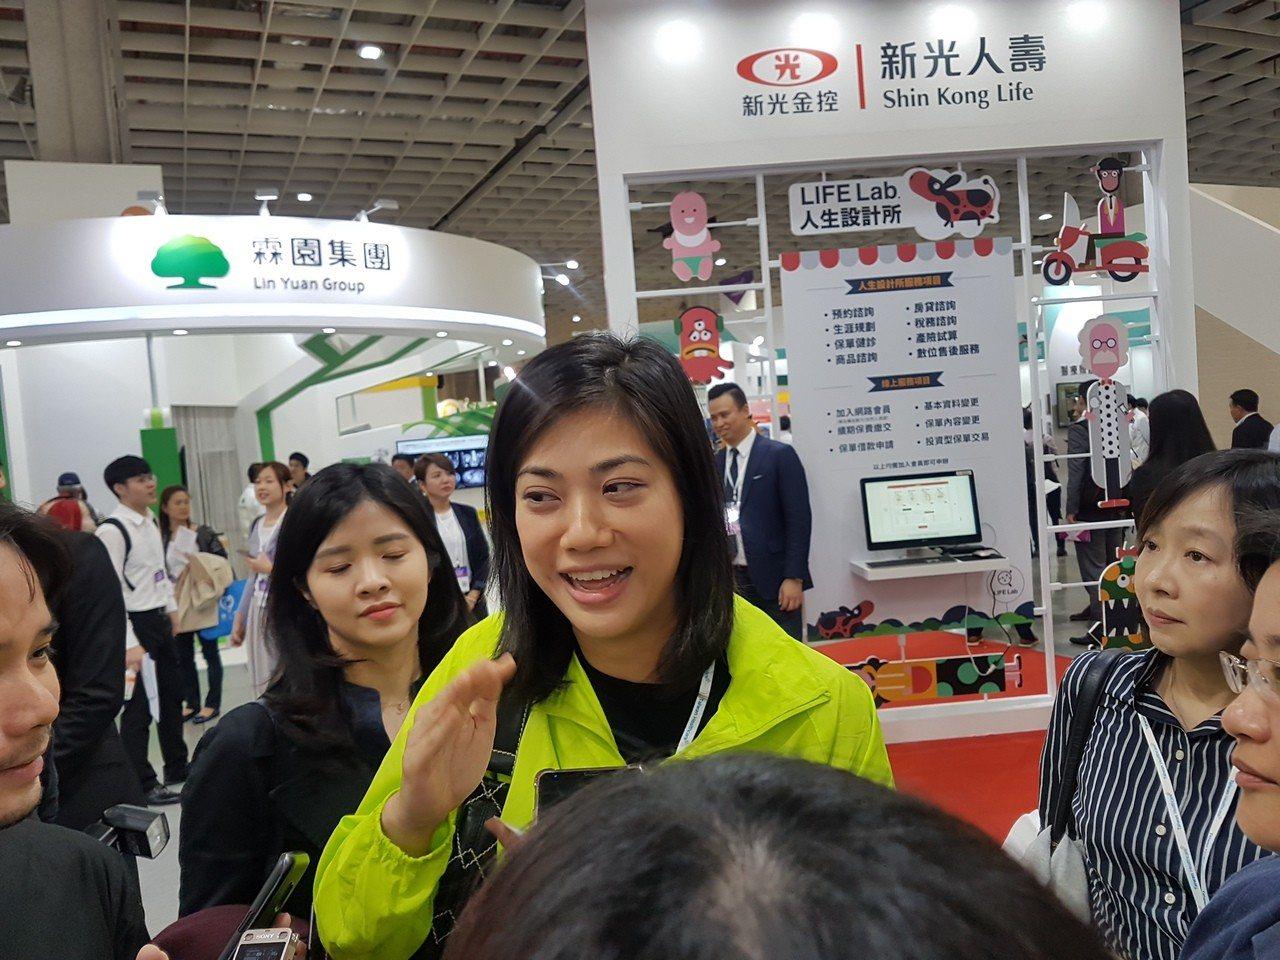 新光銀行副董事長吳欣儒參加台灣醫療科技展。記者孫中英/攝影